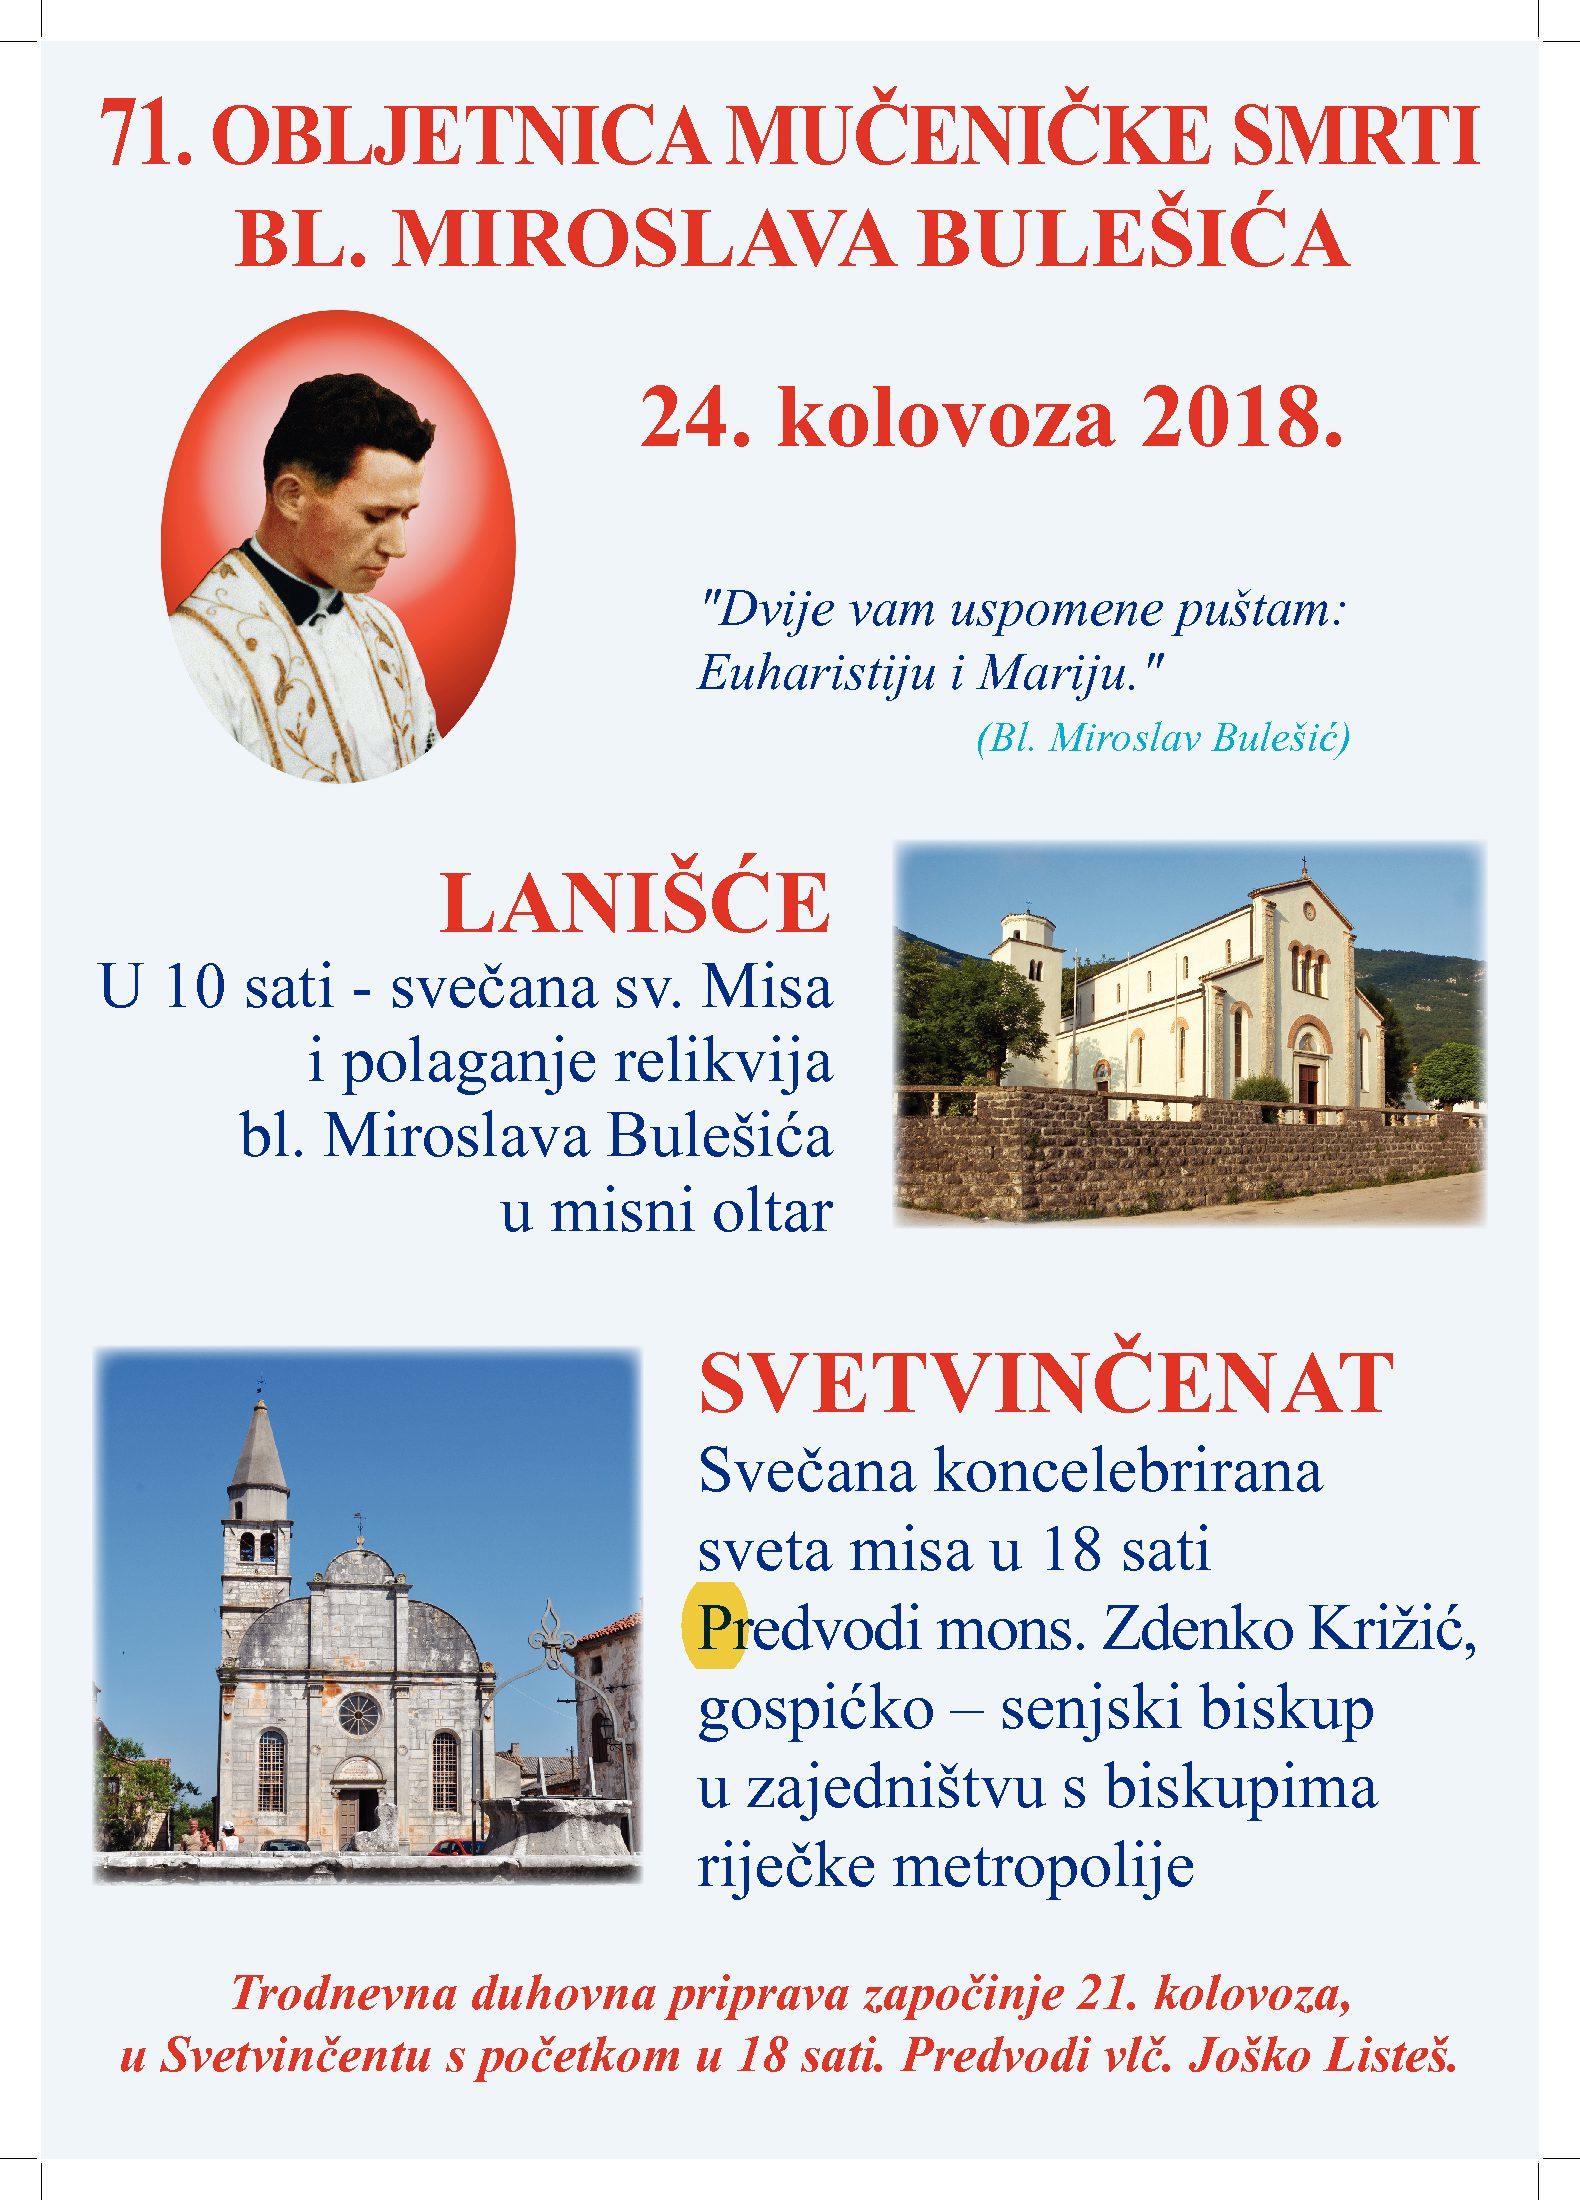 Proslava godišnjice mučeniče smrti. bl. MIroslava Bulešića